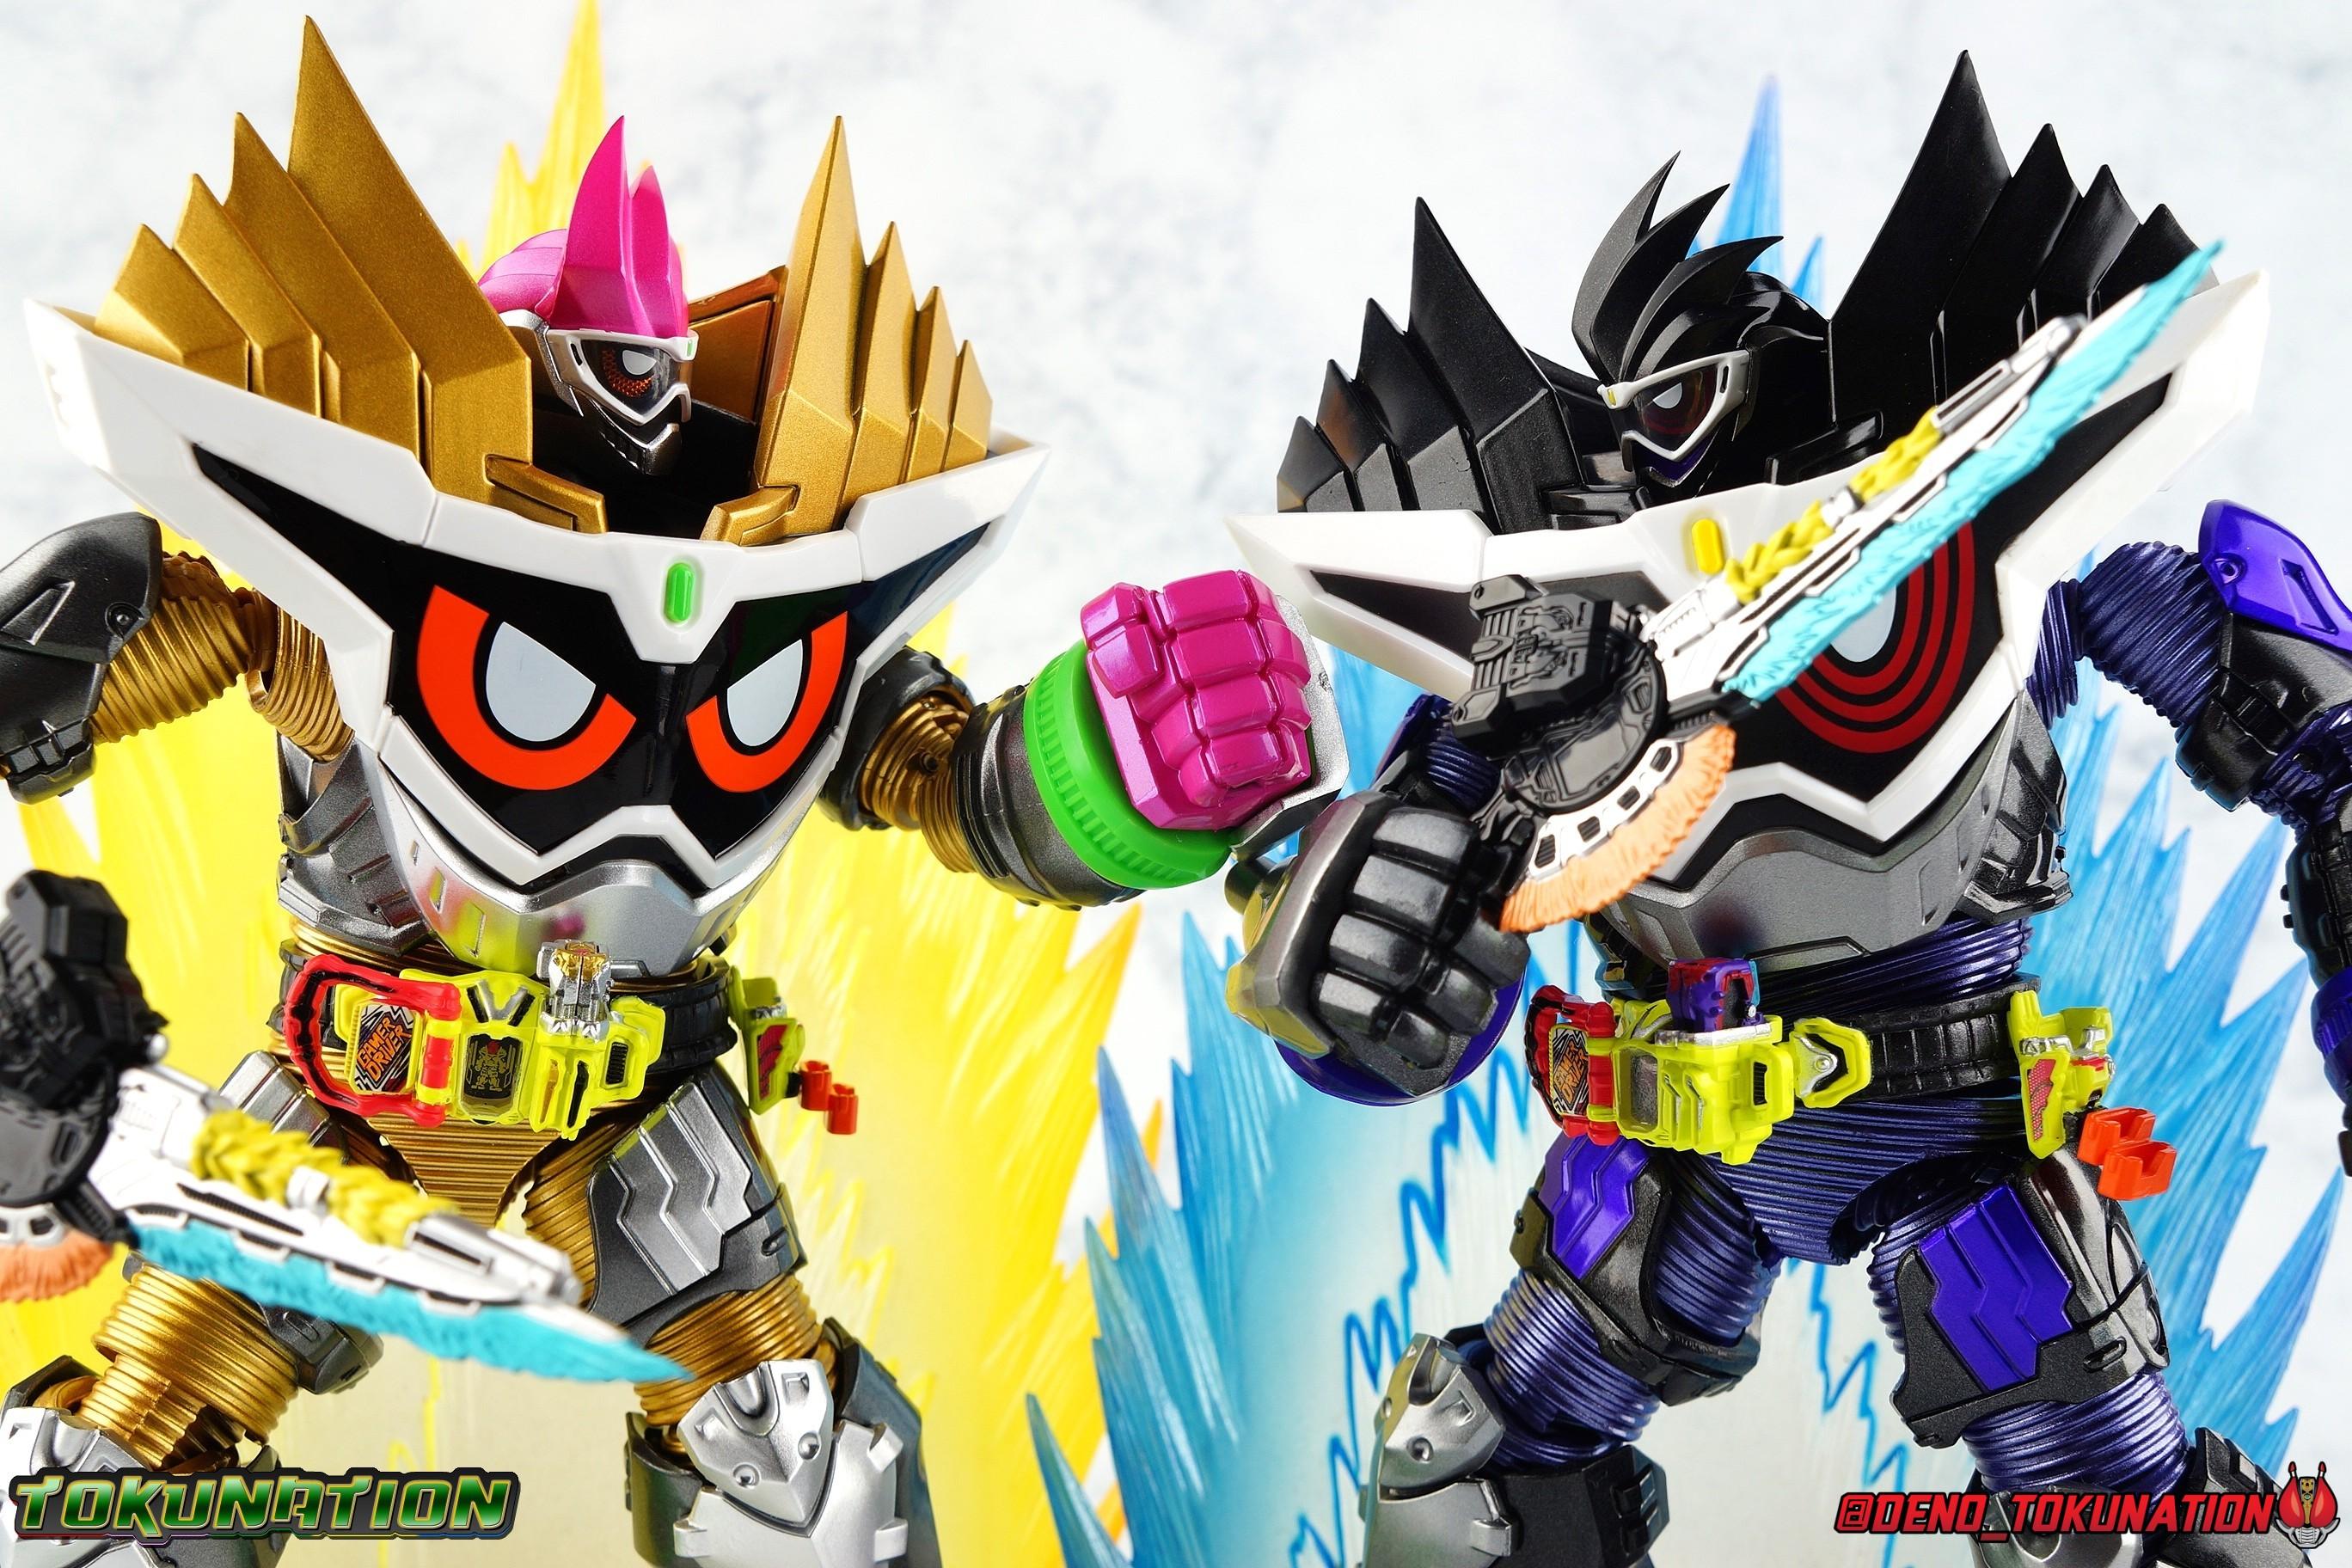 Kamen Rider Exaid Tokunation